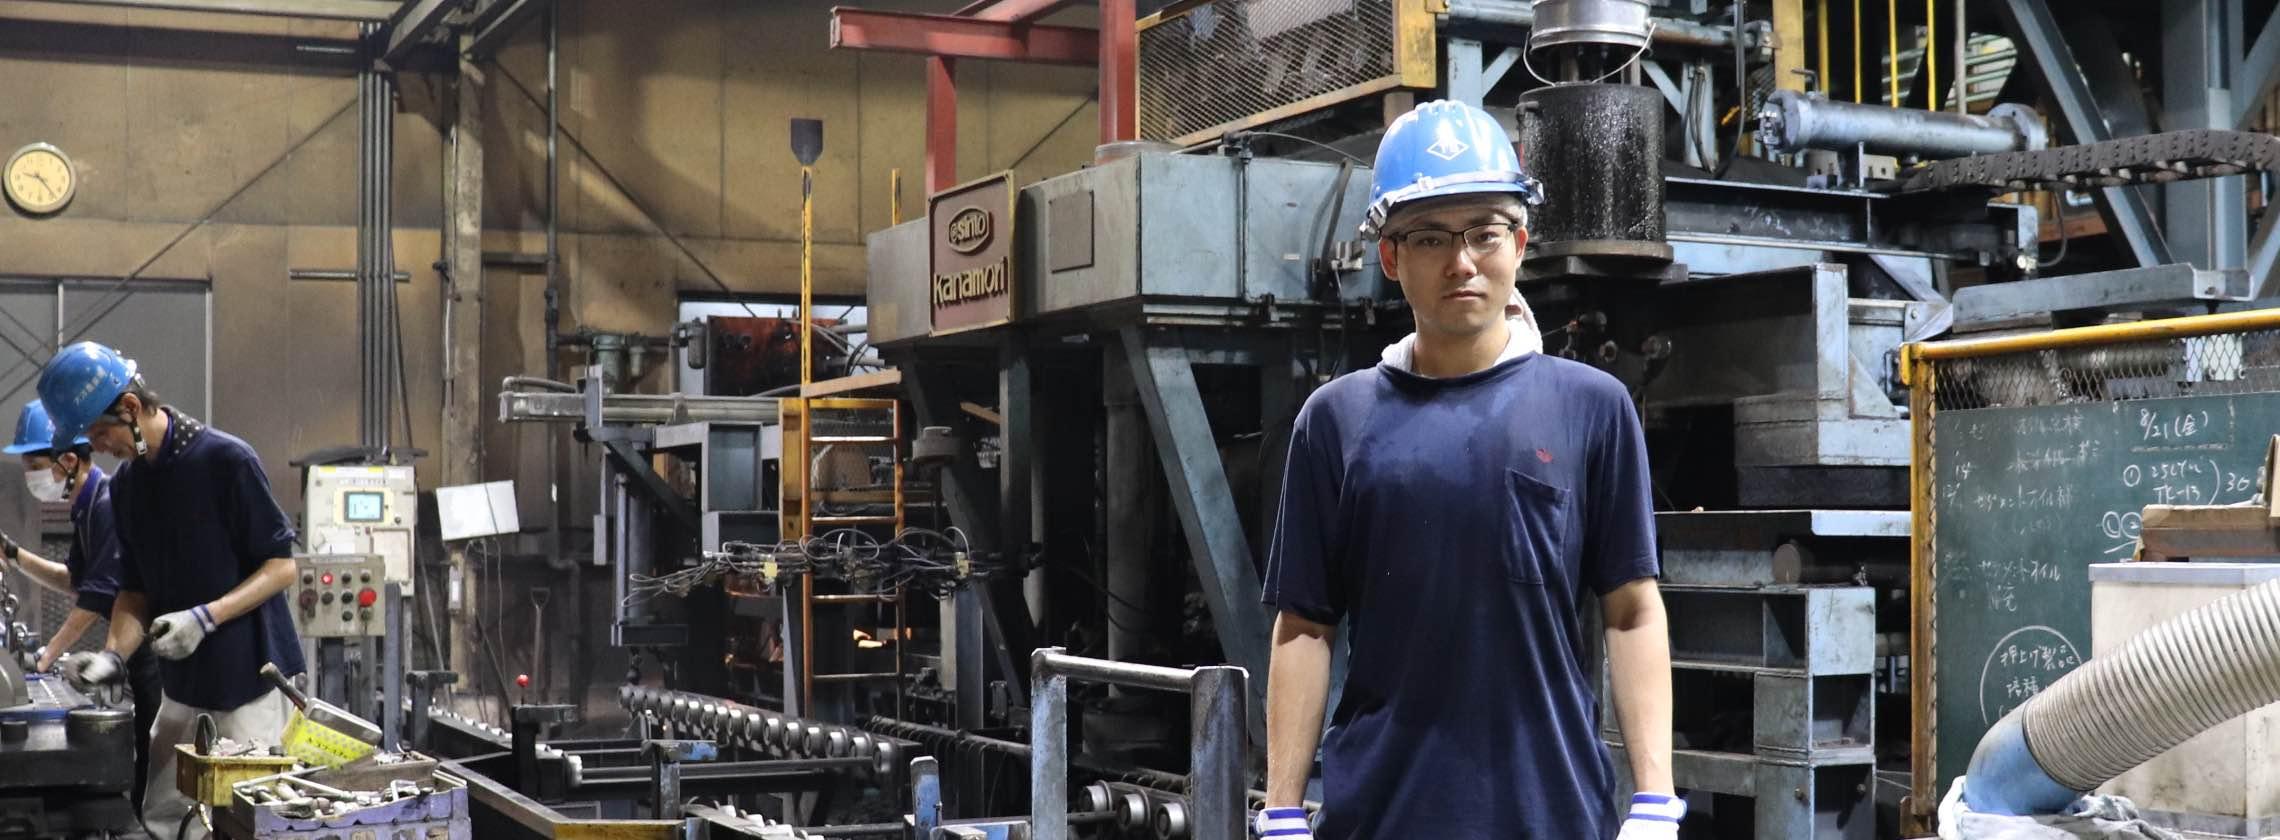 鋳造・製造部|三重県鋳造メーカー求人情報|大洋産業